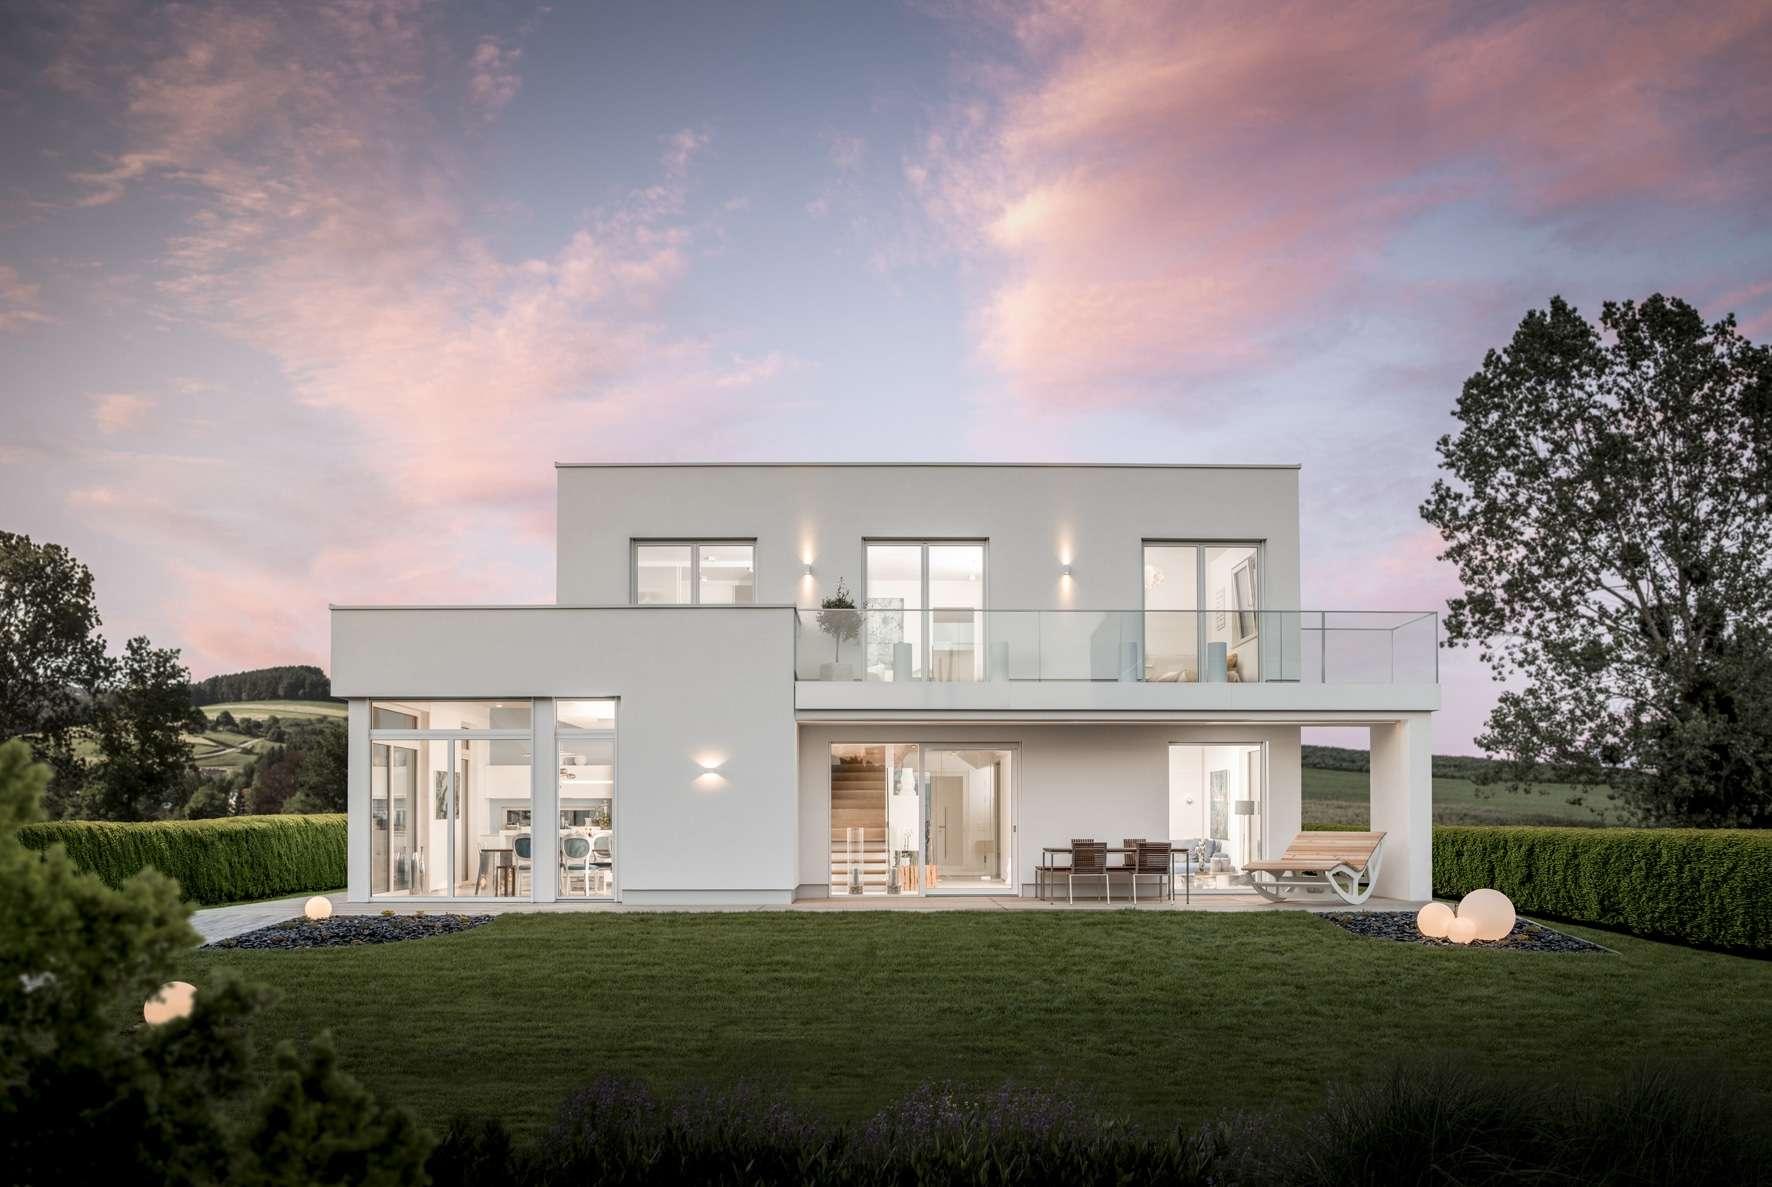 Ein haus mit flachdach f r maximalen wohnraum ratgeber for Grundrissplanung haus